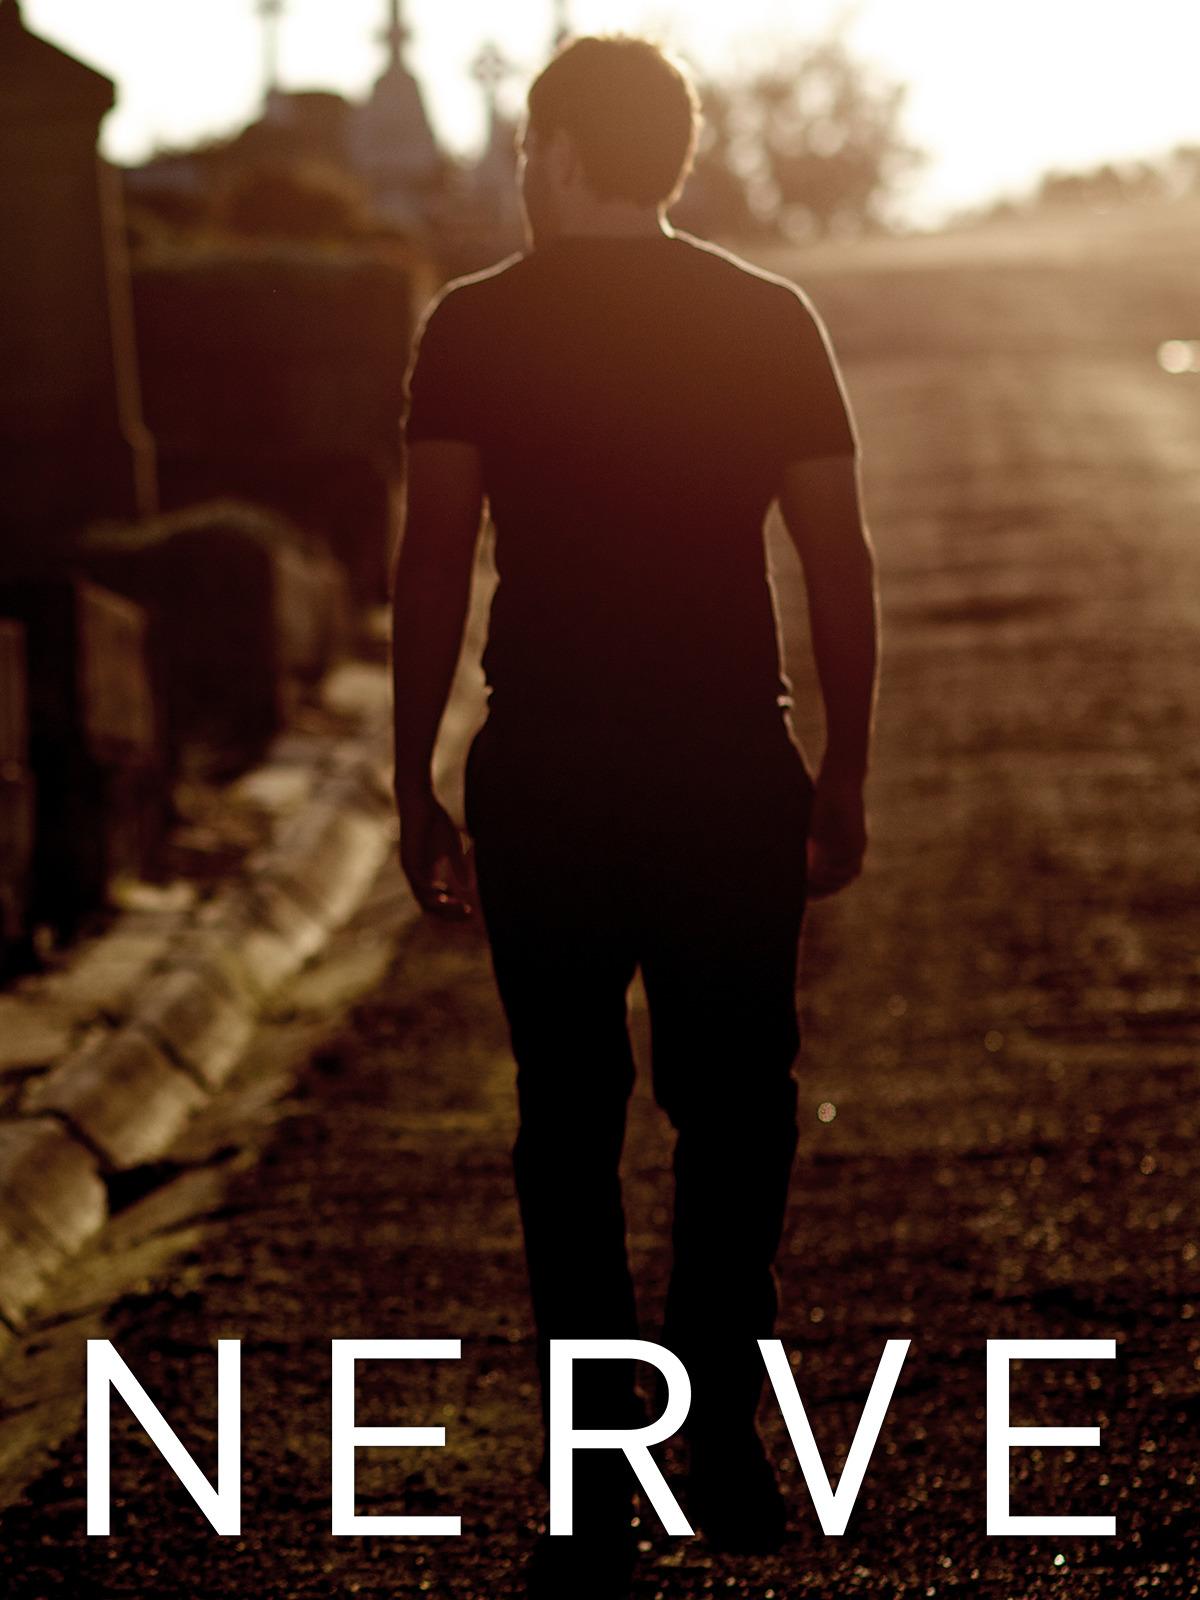 Nerve [OV]